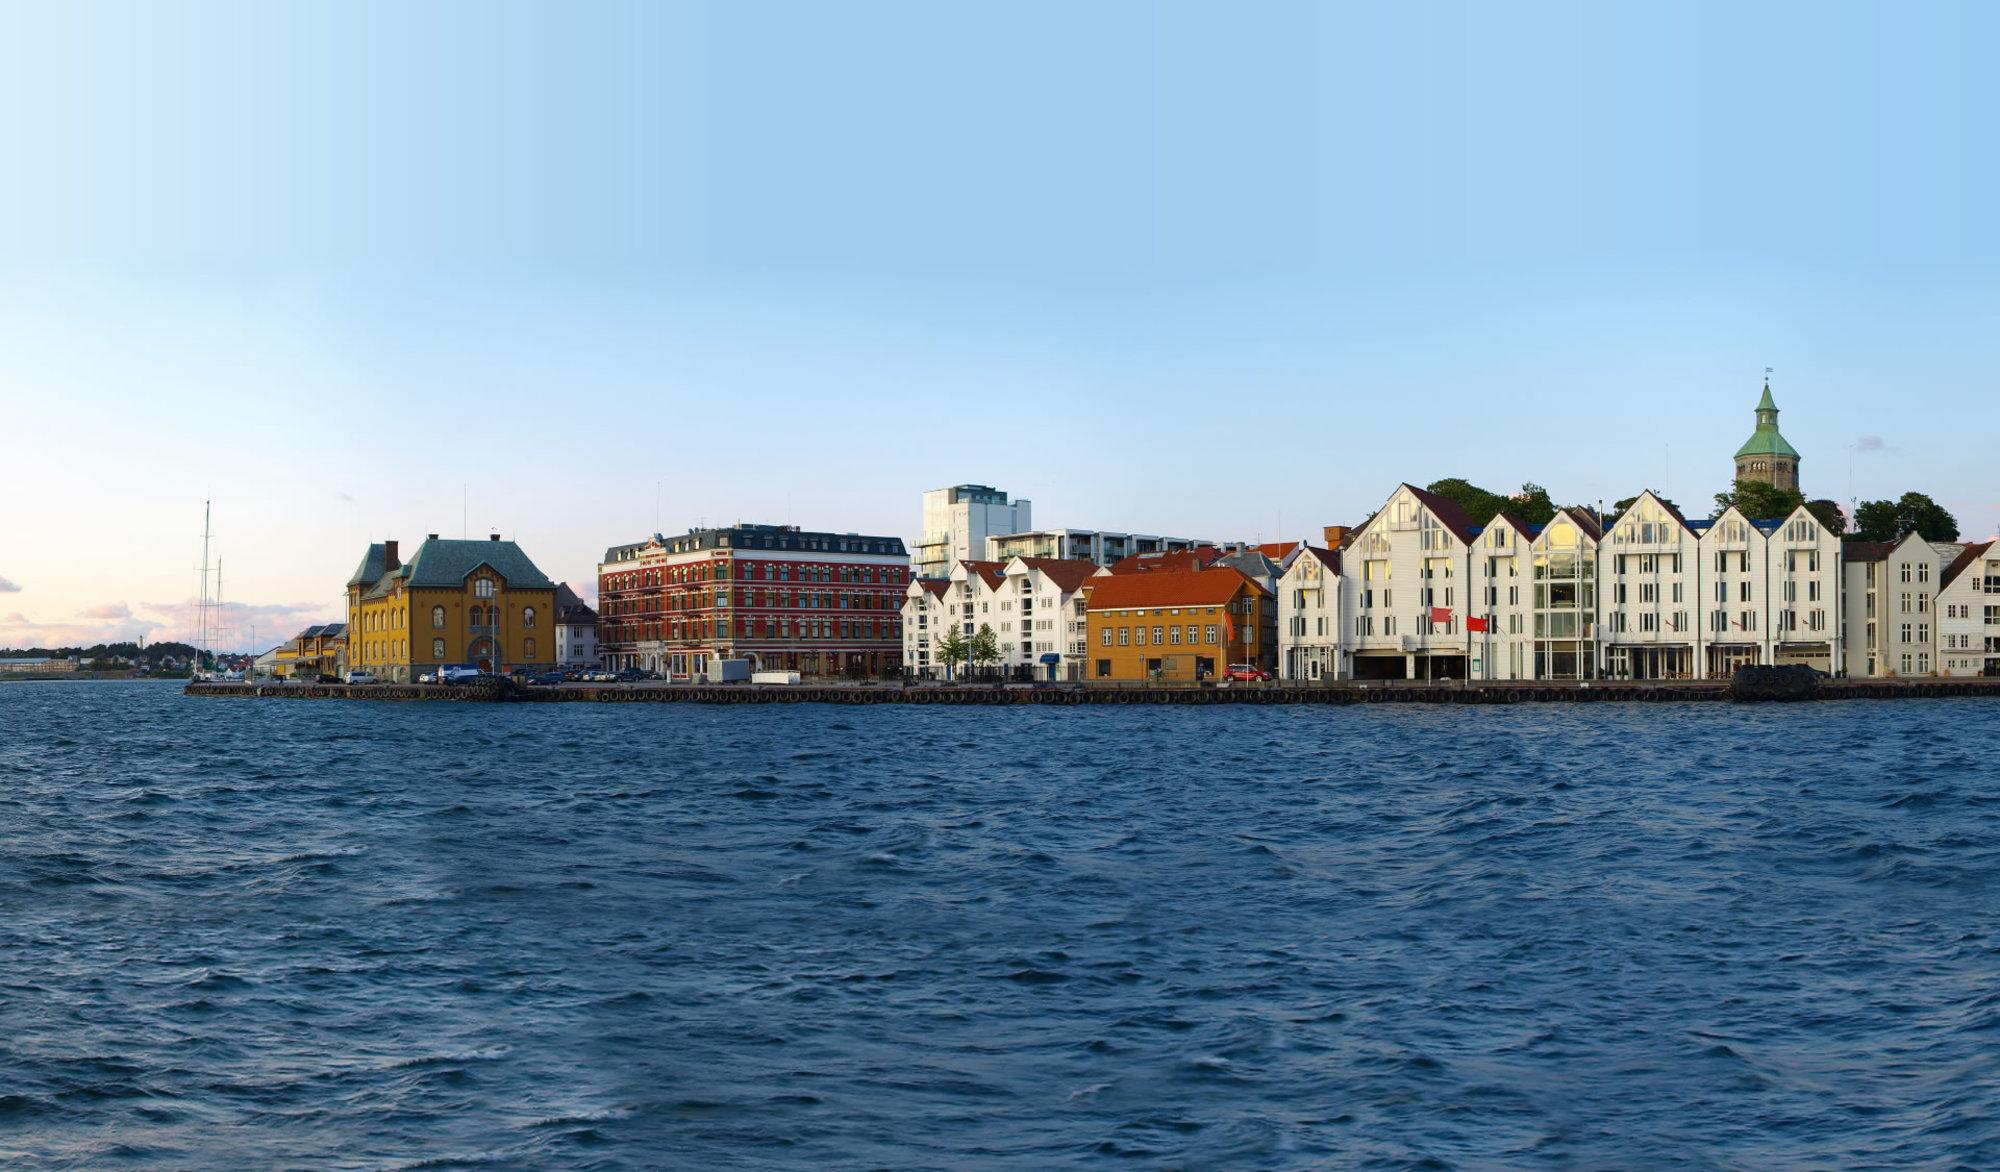 Bestill time hos en anbefalt frisør i Stavanger på Fixit.no. Sjekk priser og les kundeomtaler før du bestemmer deg. Rask og enkel timebestilling!